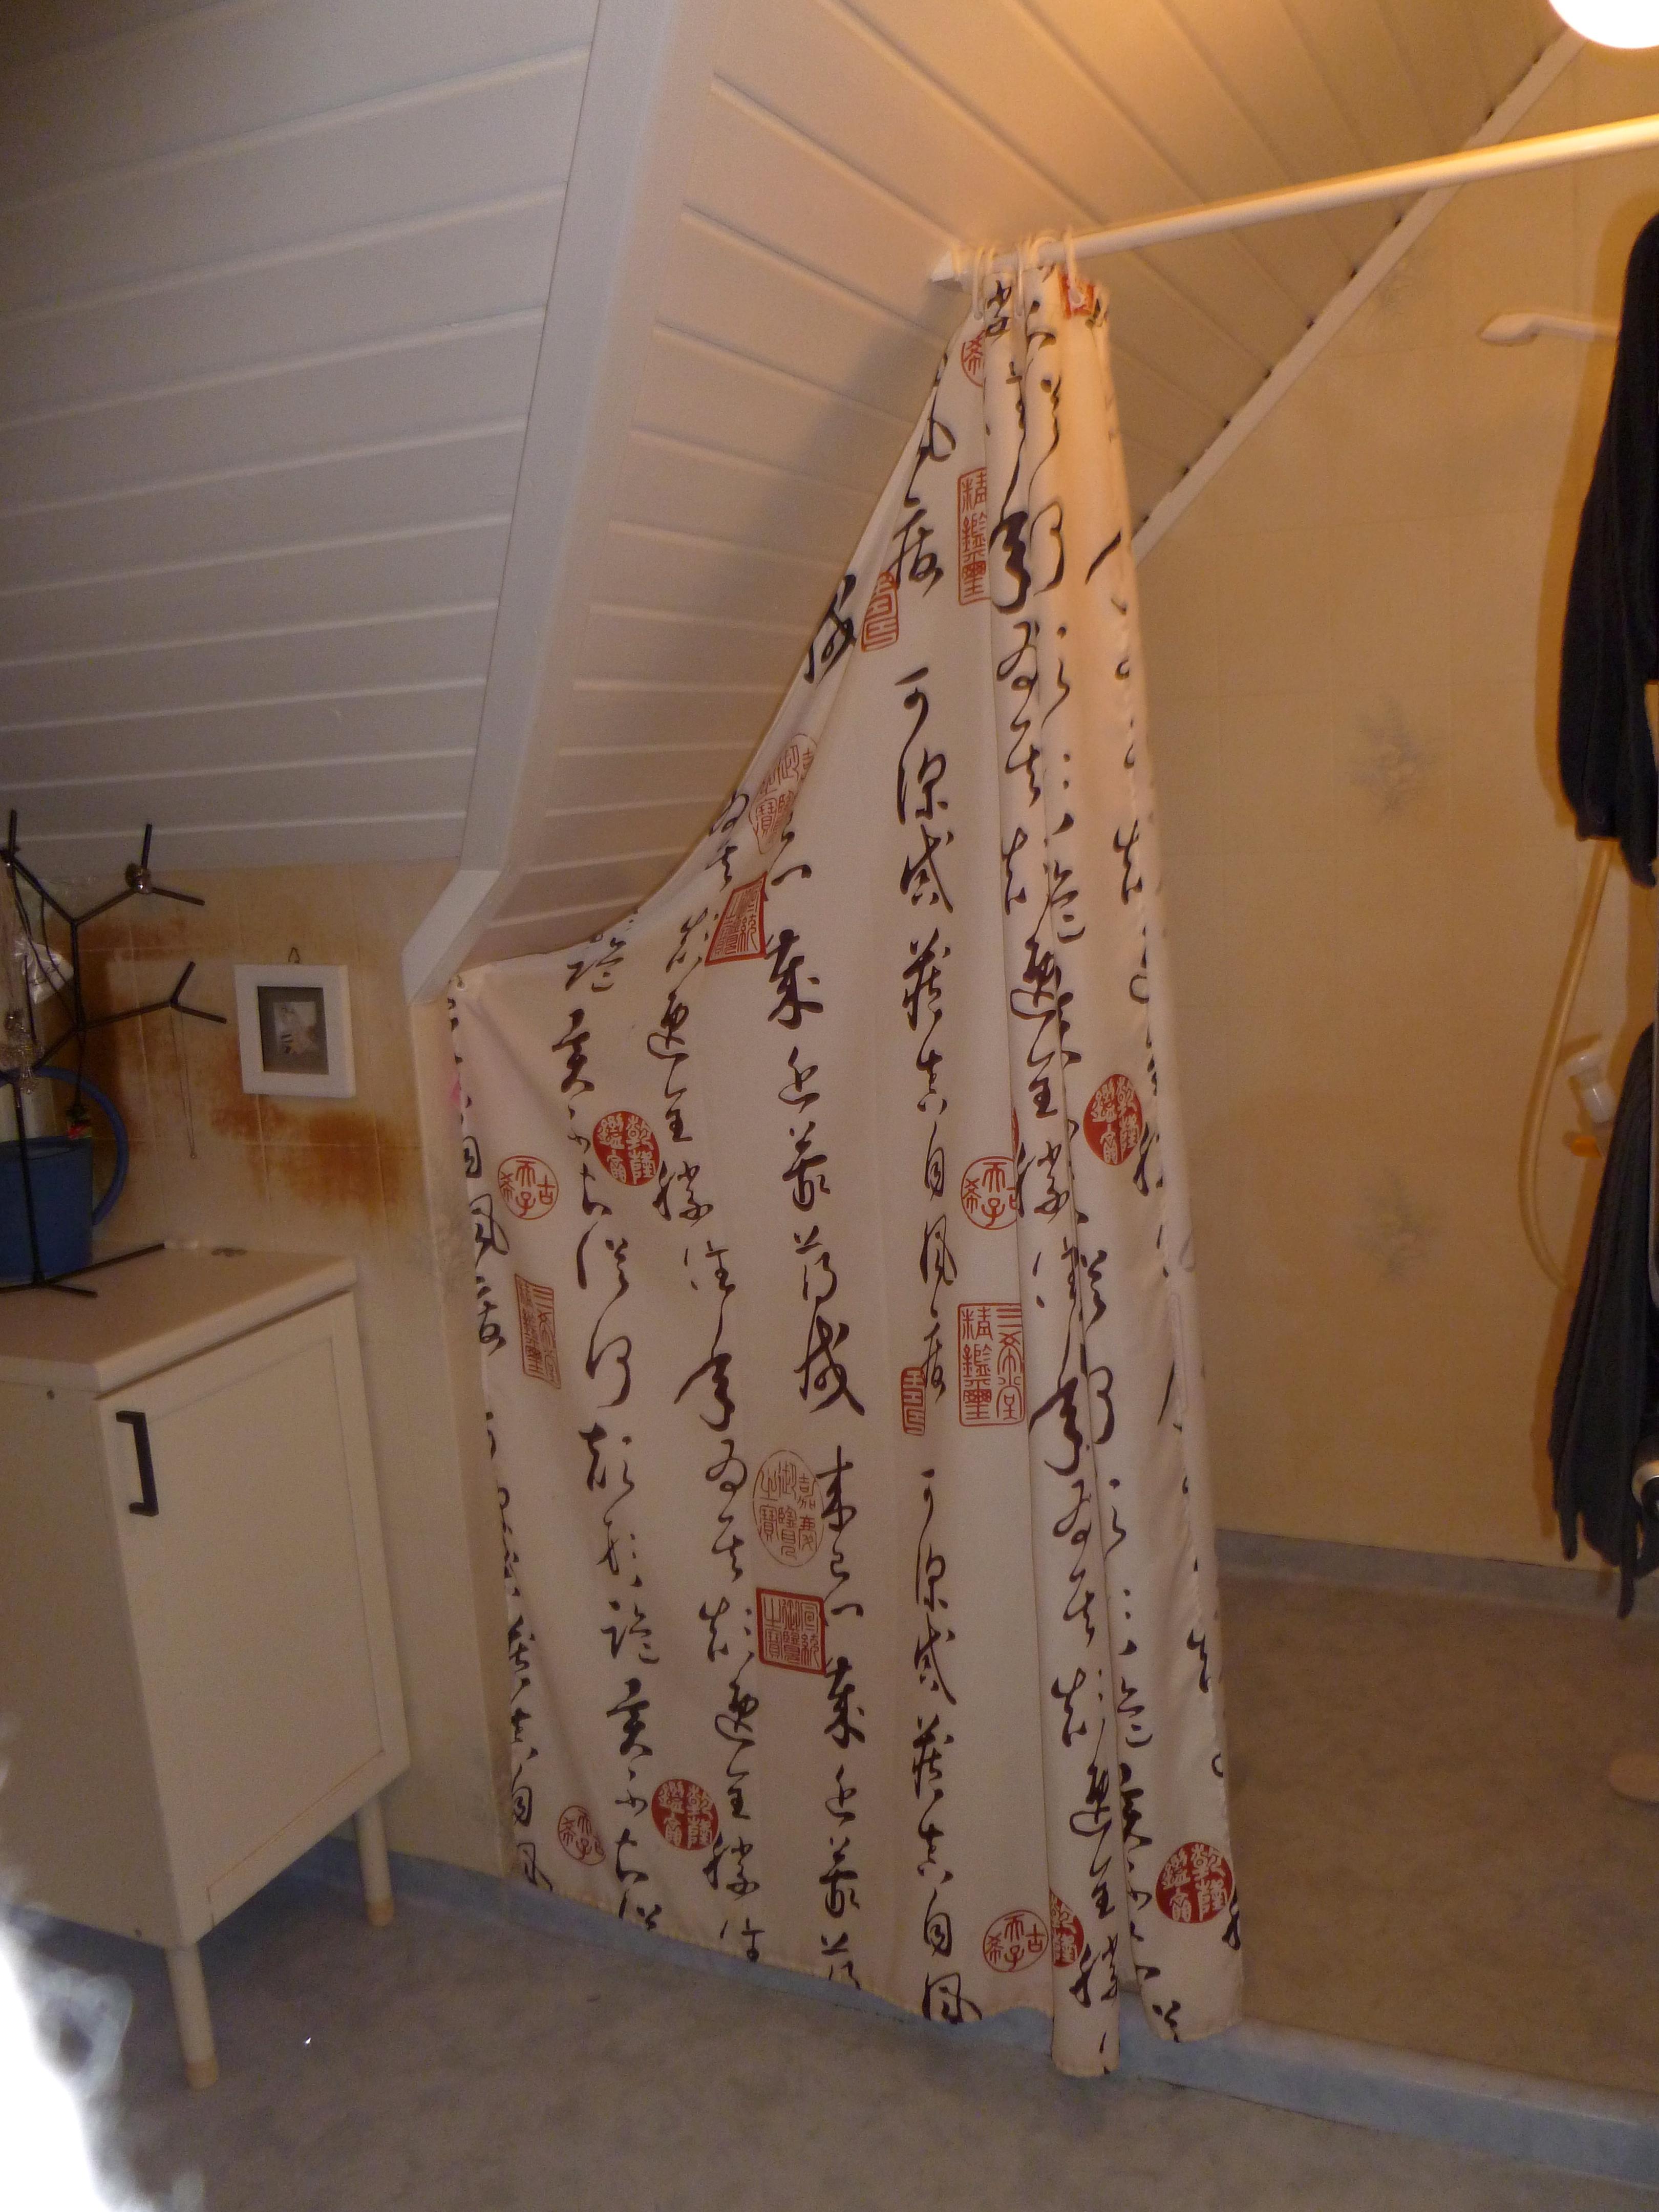 Vitt Furutak : duschen hade vi ett duschdraperi som inte passade i snedtaket